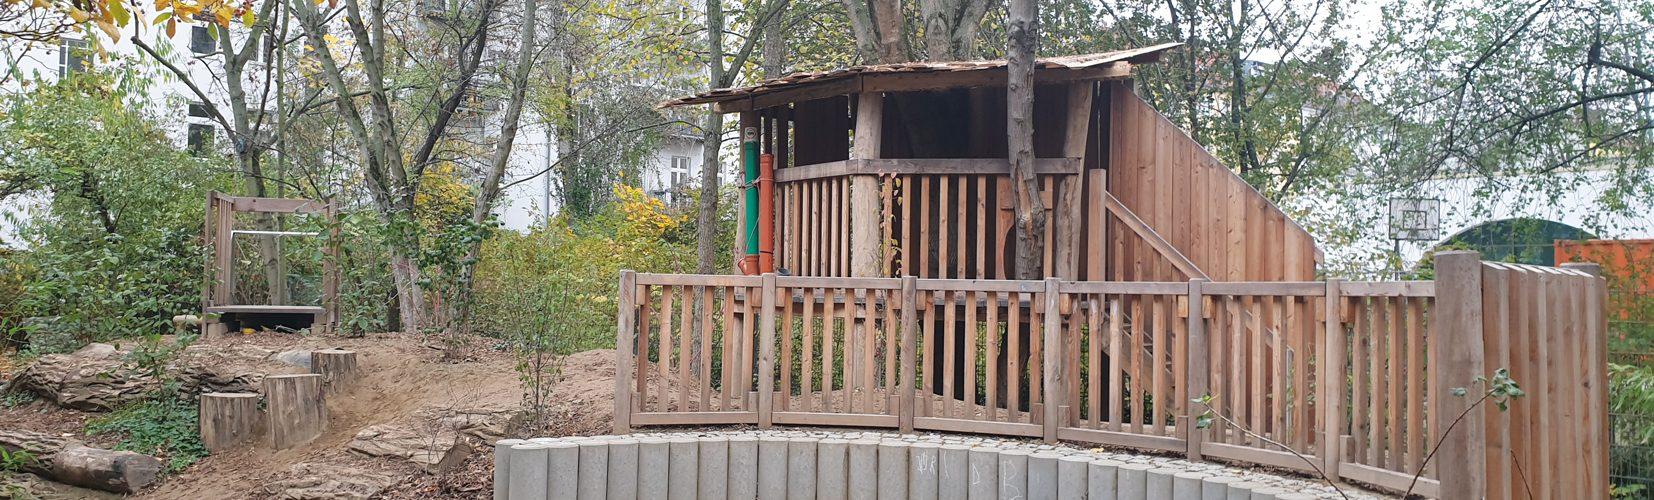 Kita Villa Kunterbunt Projekt Naturnaher Garten Holzhaus